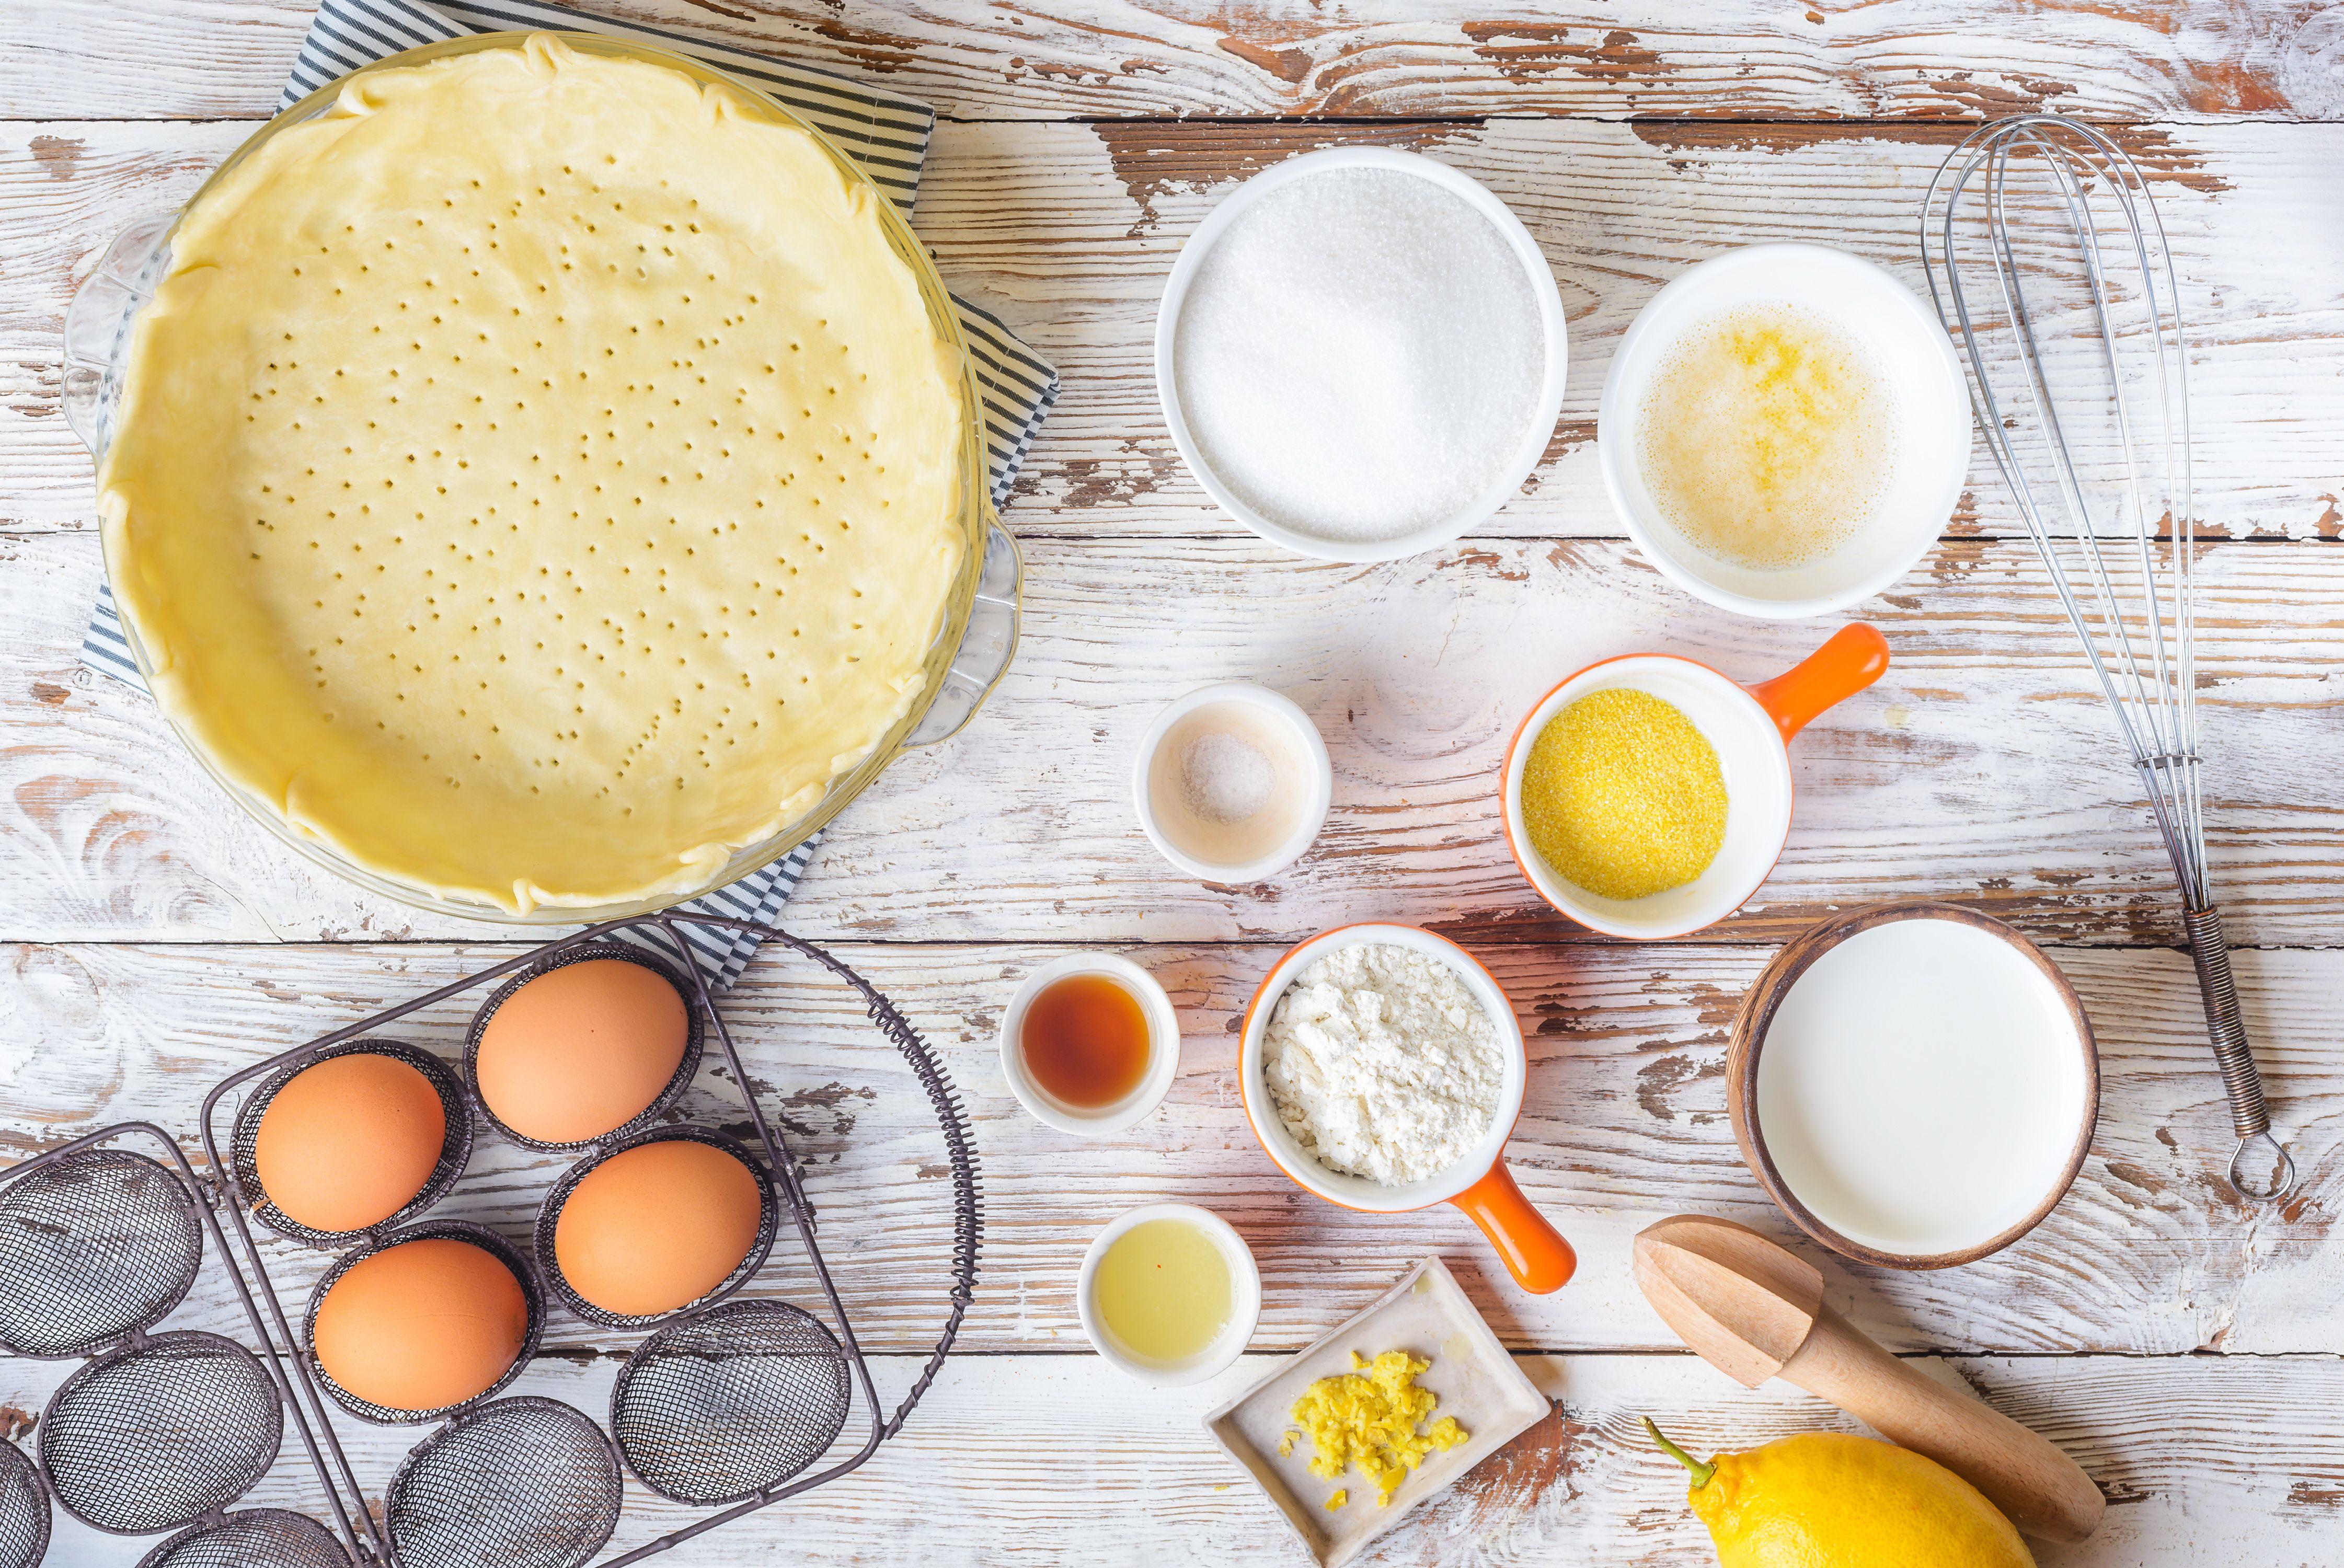 Ingredients for buttermilk chess pie